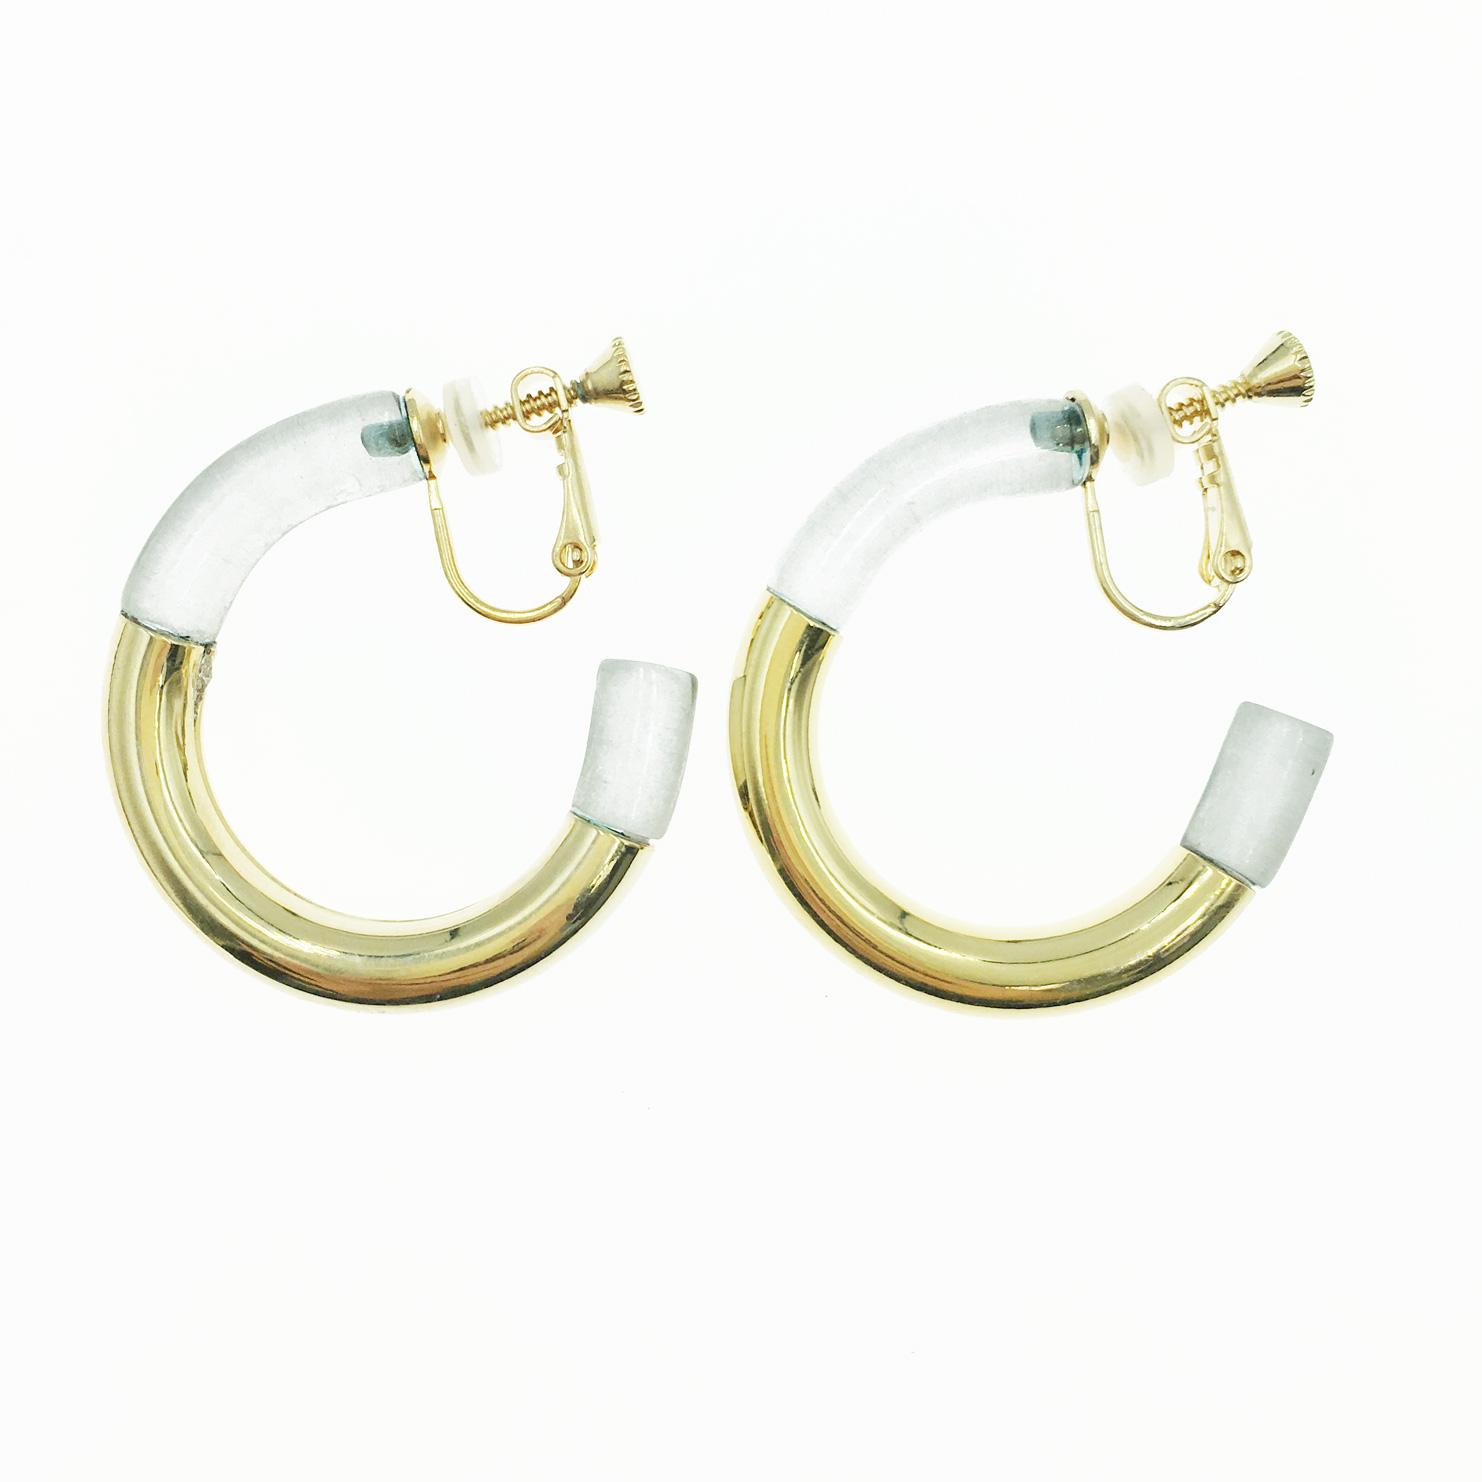 韓國 C環圈 開口半圓 撞色 時尚 耳夾式耳環